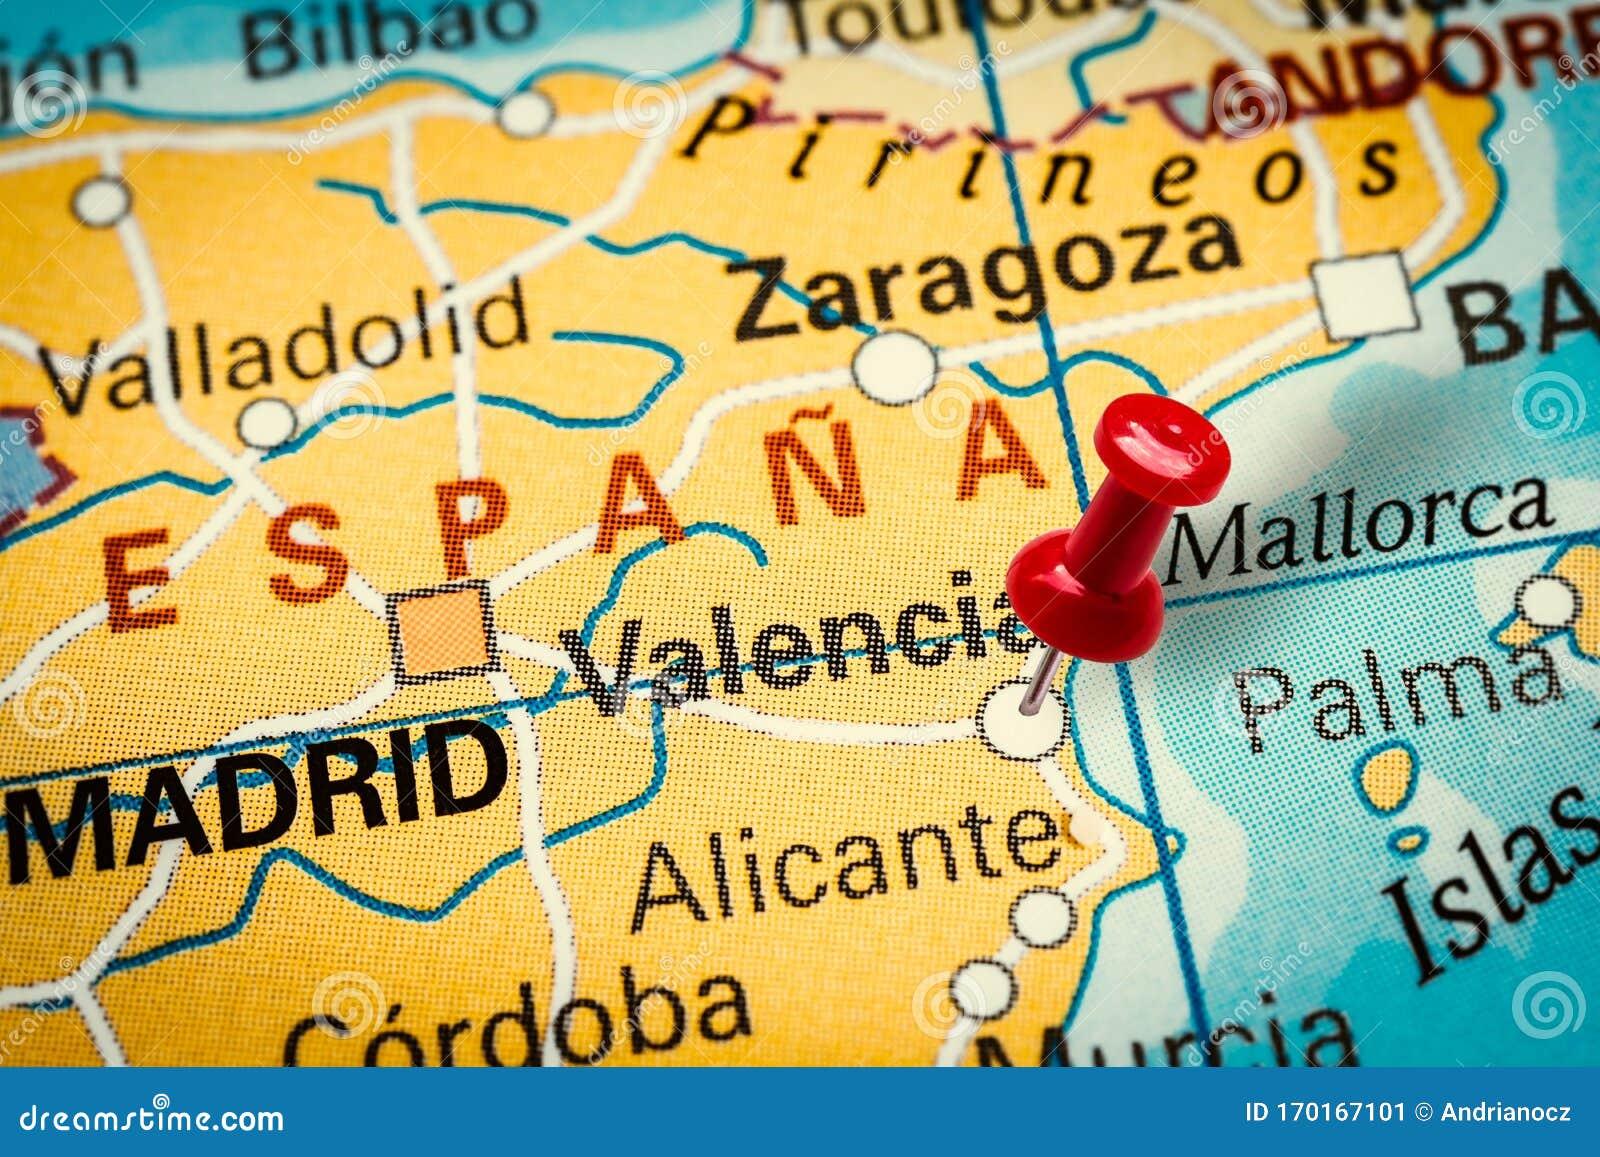 Saragozza Spagna Cartina Geografica.Mappa Di Valencia Spagna Foto Foto Stock Gratis E Royalty Free Da Dreamstime